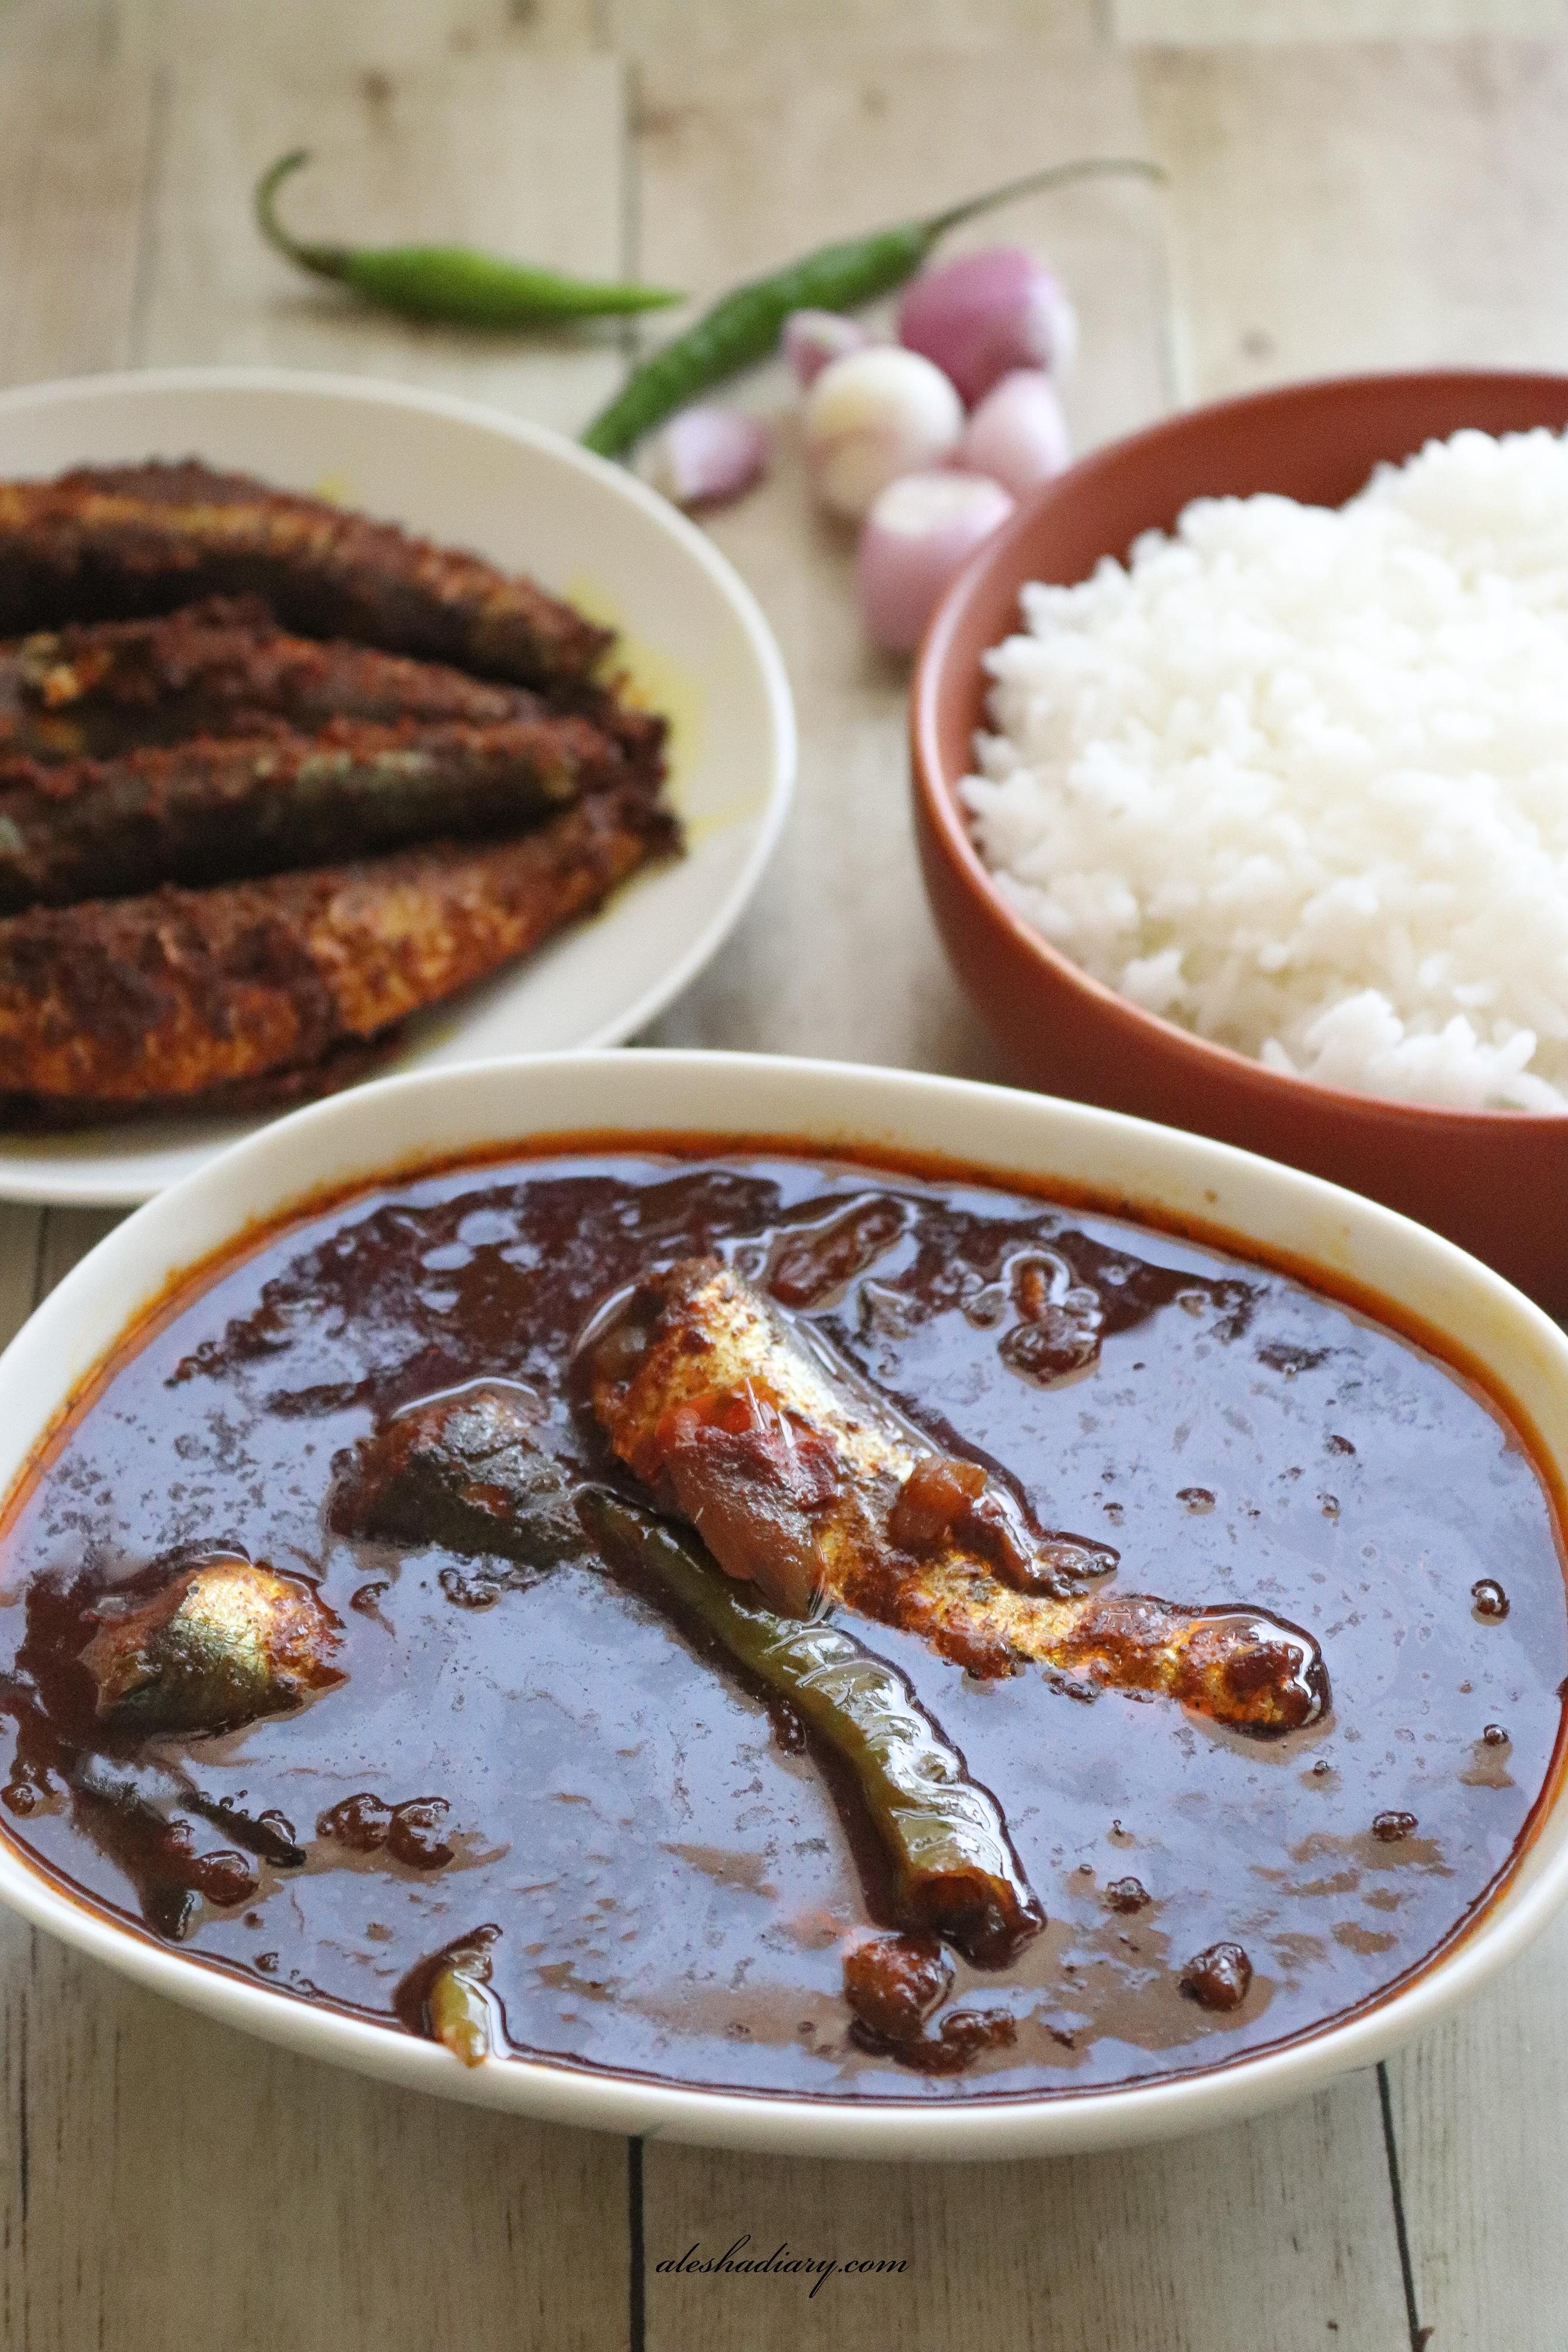 Varutharacha saala meen (mathi meen) kuzhambu – Sardine fish in roasted spices curry